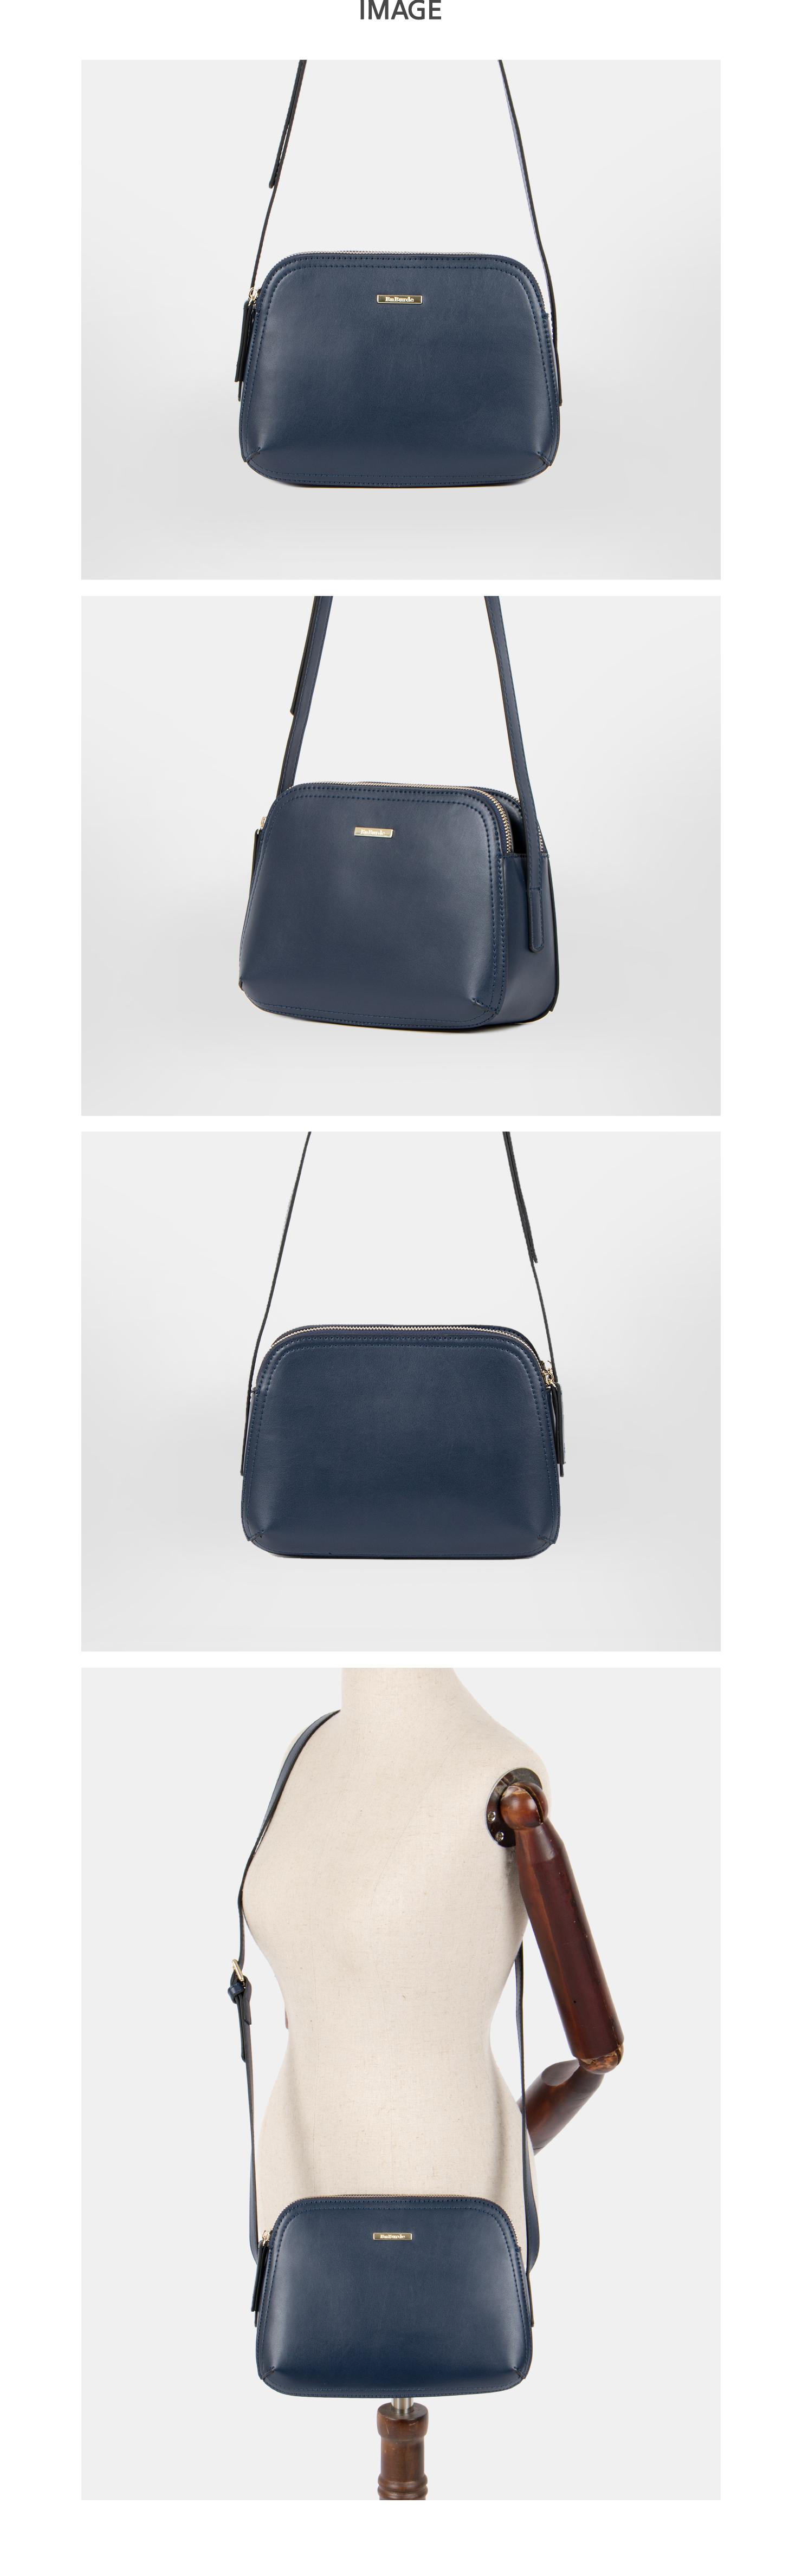 Sally Daily Leather Bag-holiholic.com